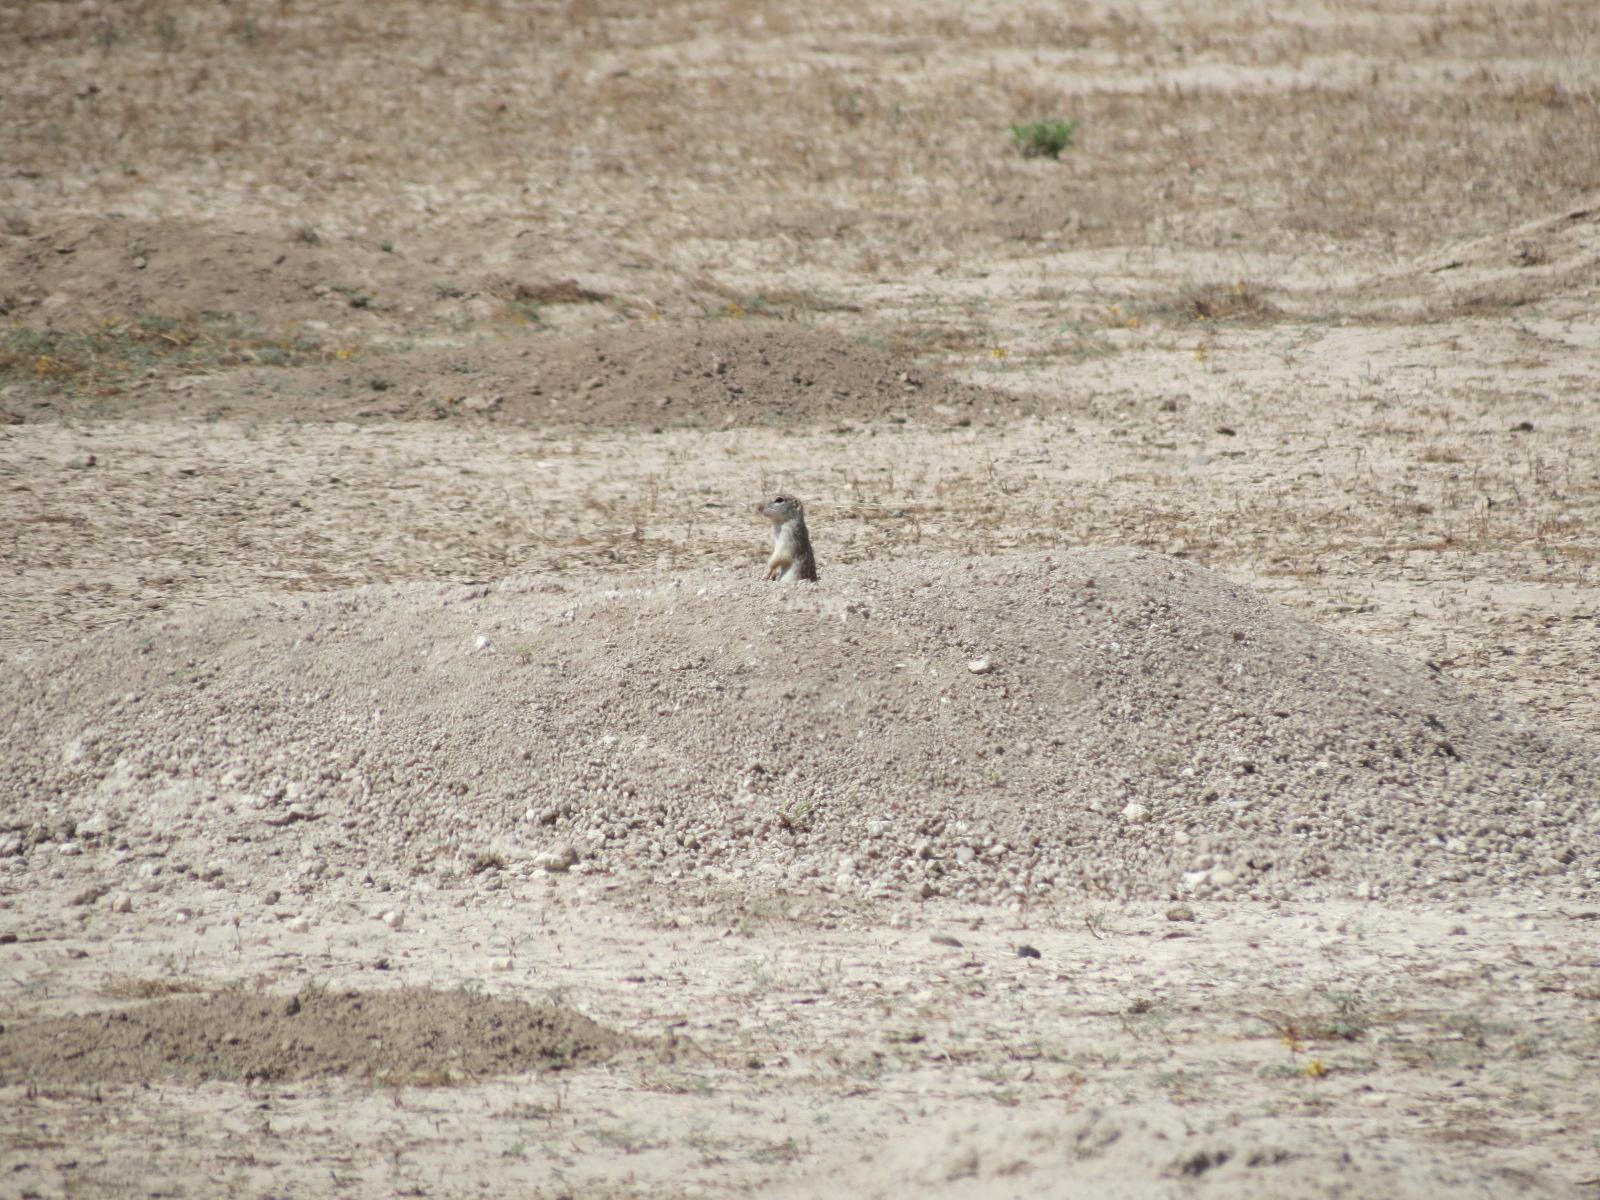 Meerkat in the wild!